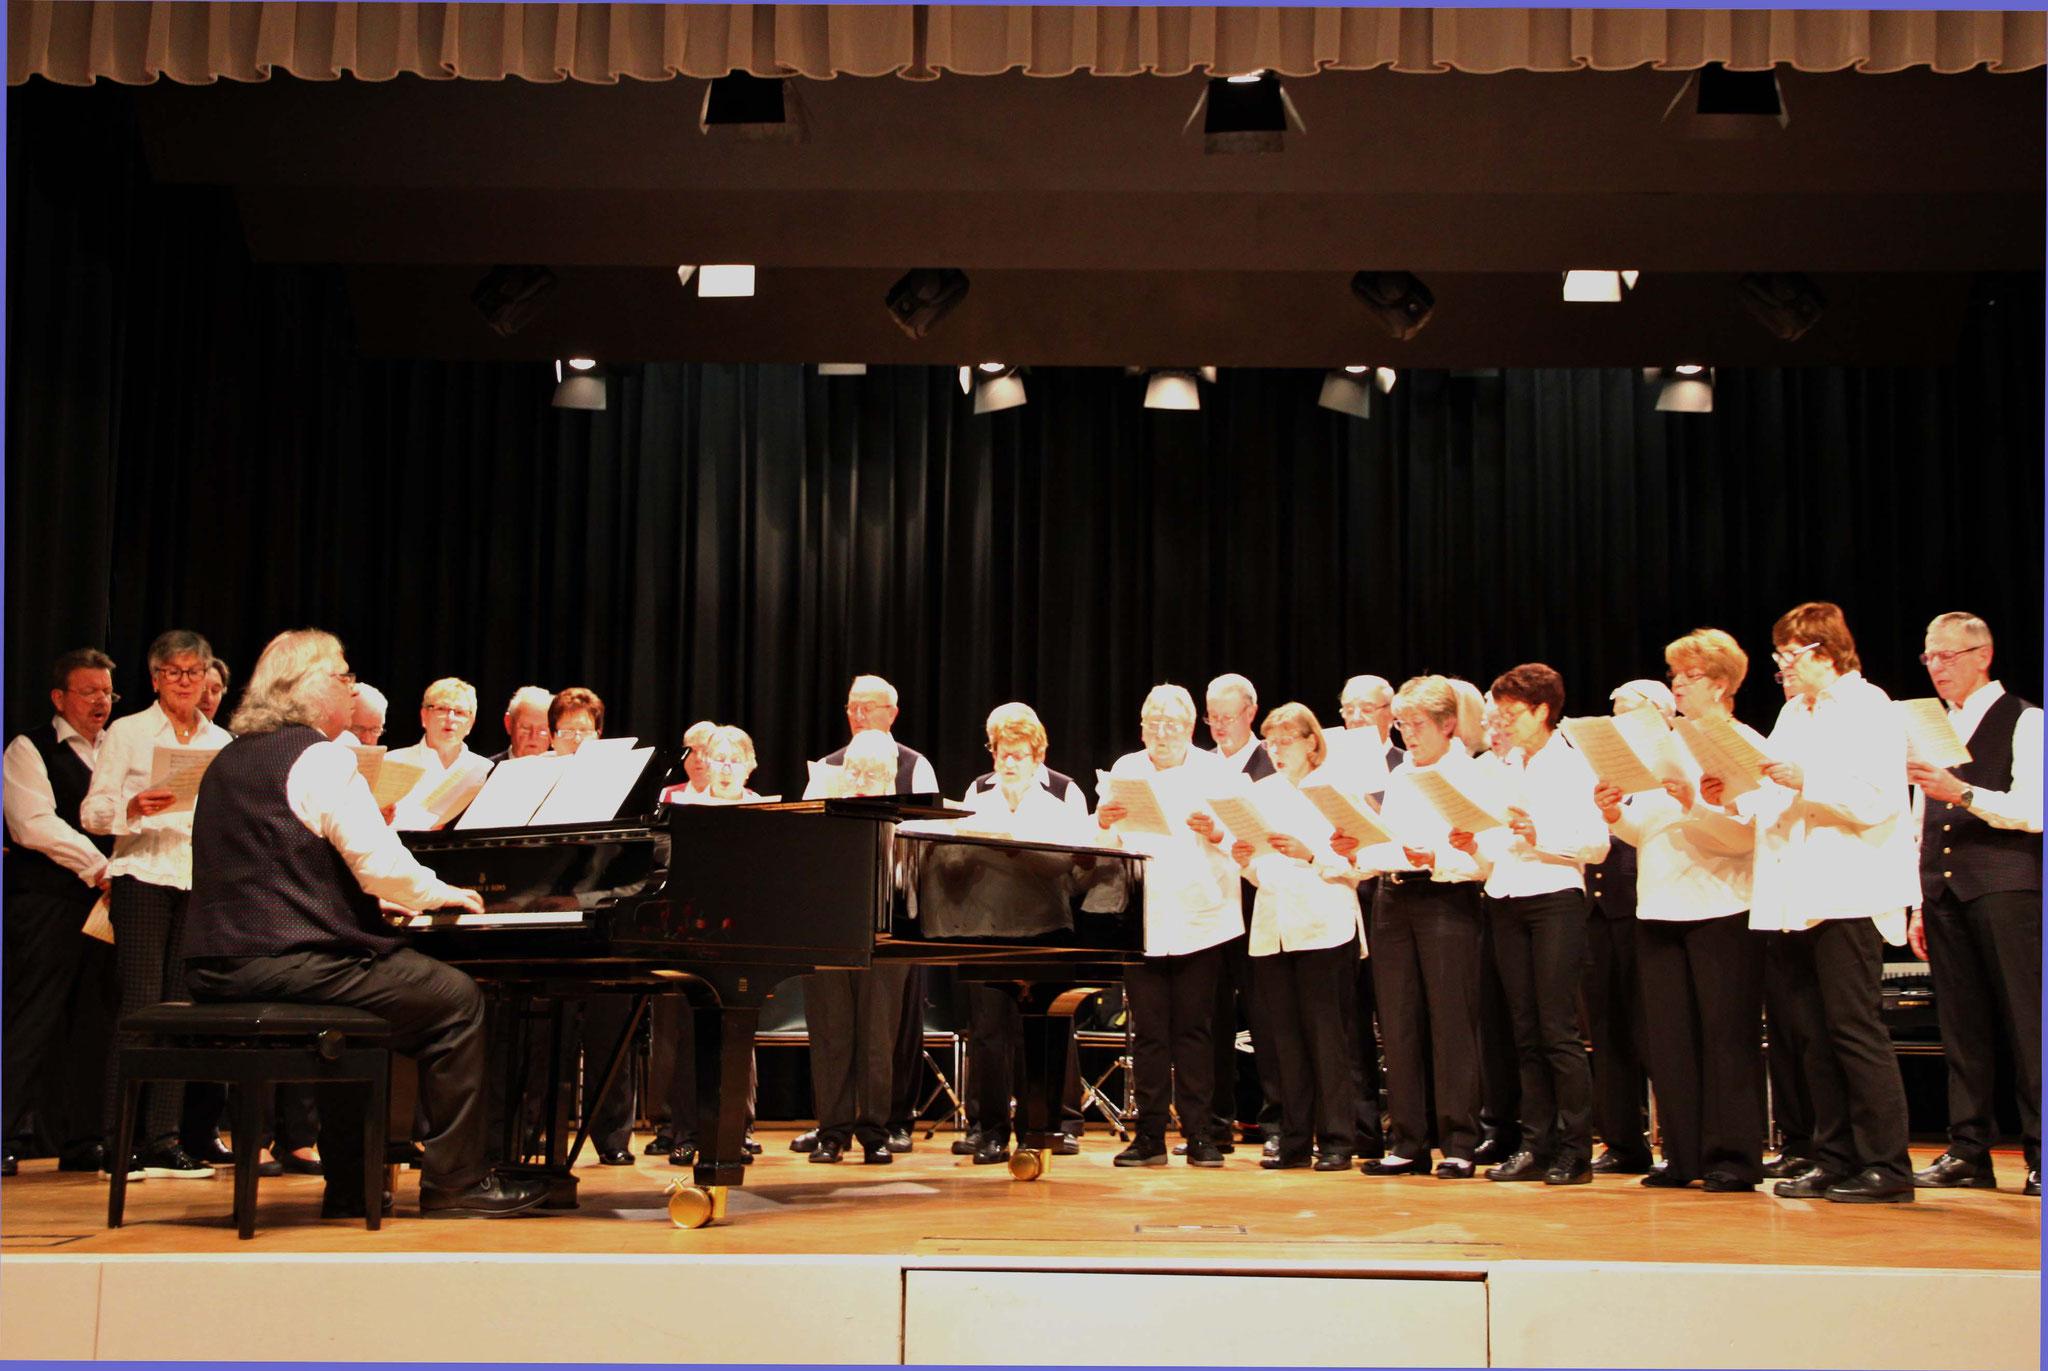 Der Gesangverein Harmonie unter Wolfram Krauß brachte eine Reihe bekannter Chorklassiker zu Gehör.